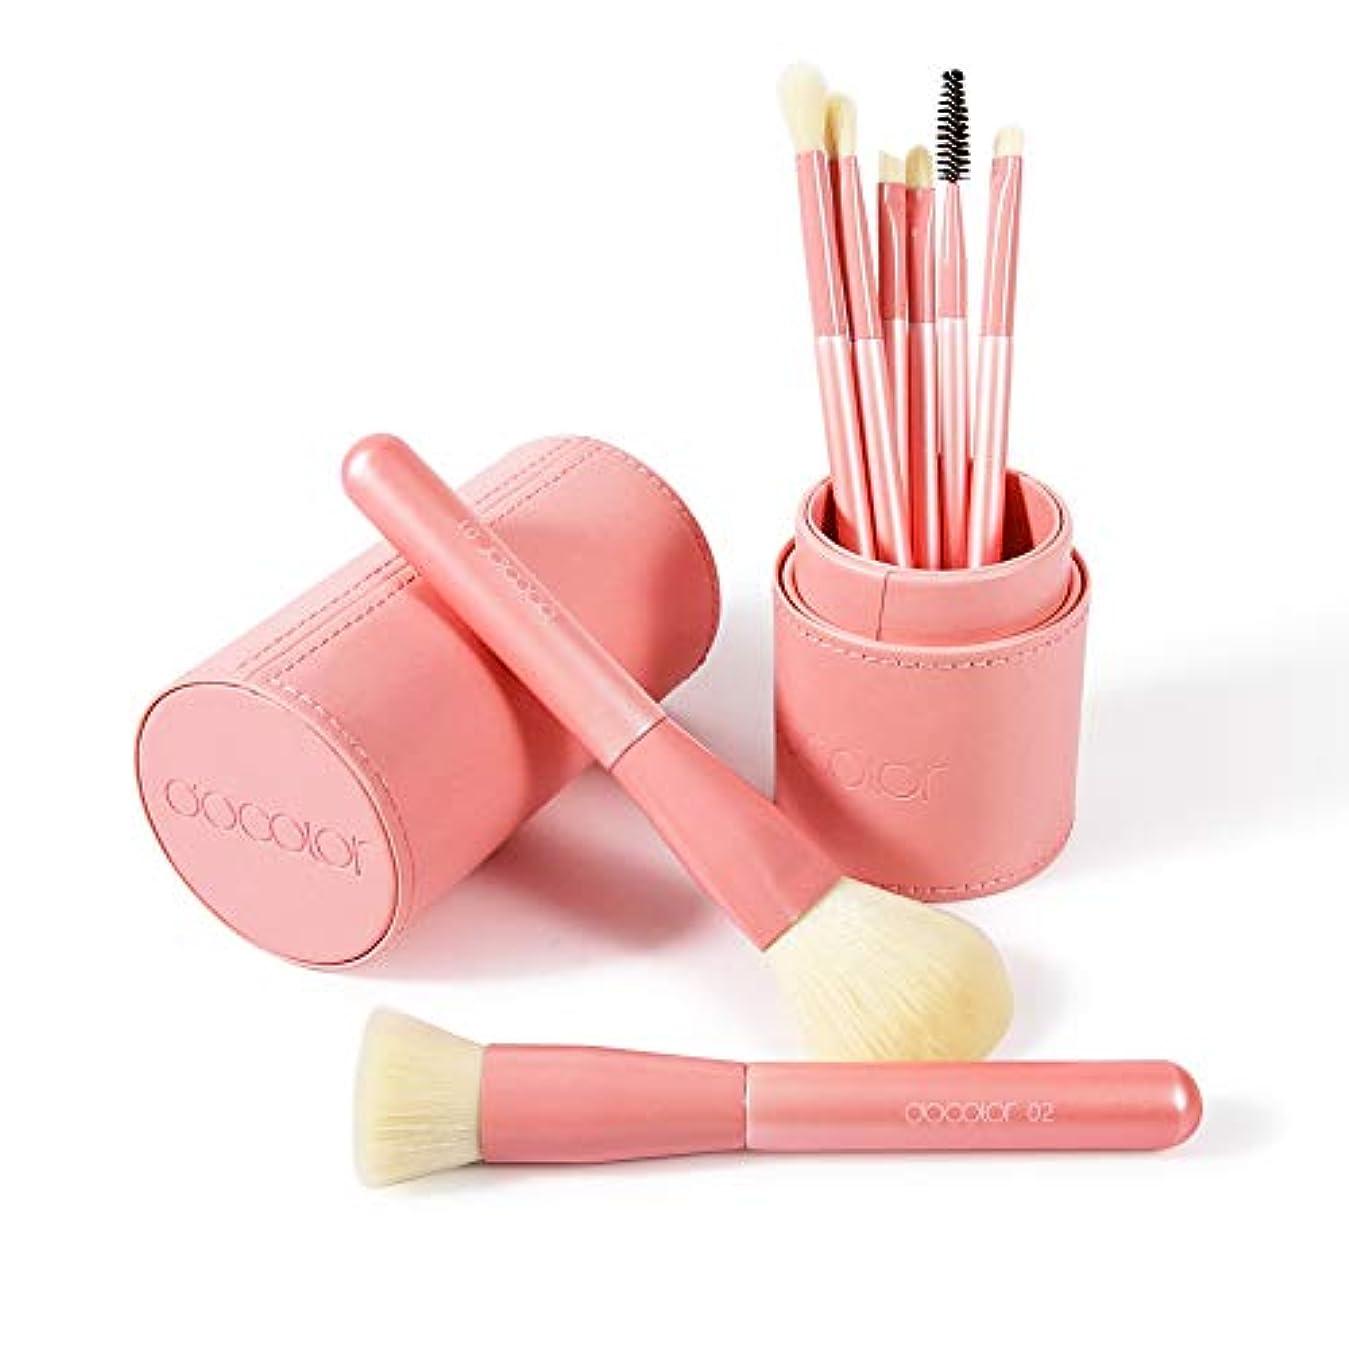 資産定数是正するDocolor ドゥカラー 化粧筆 メイクブラシ8本セット ホルダーケース付き  ピンク